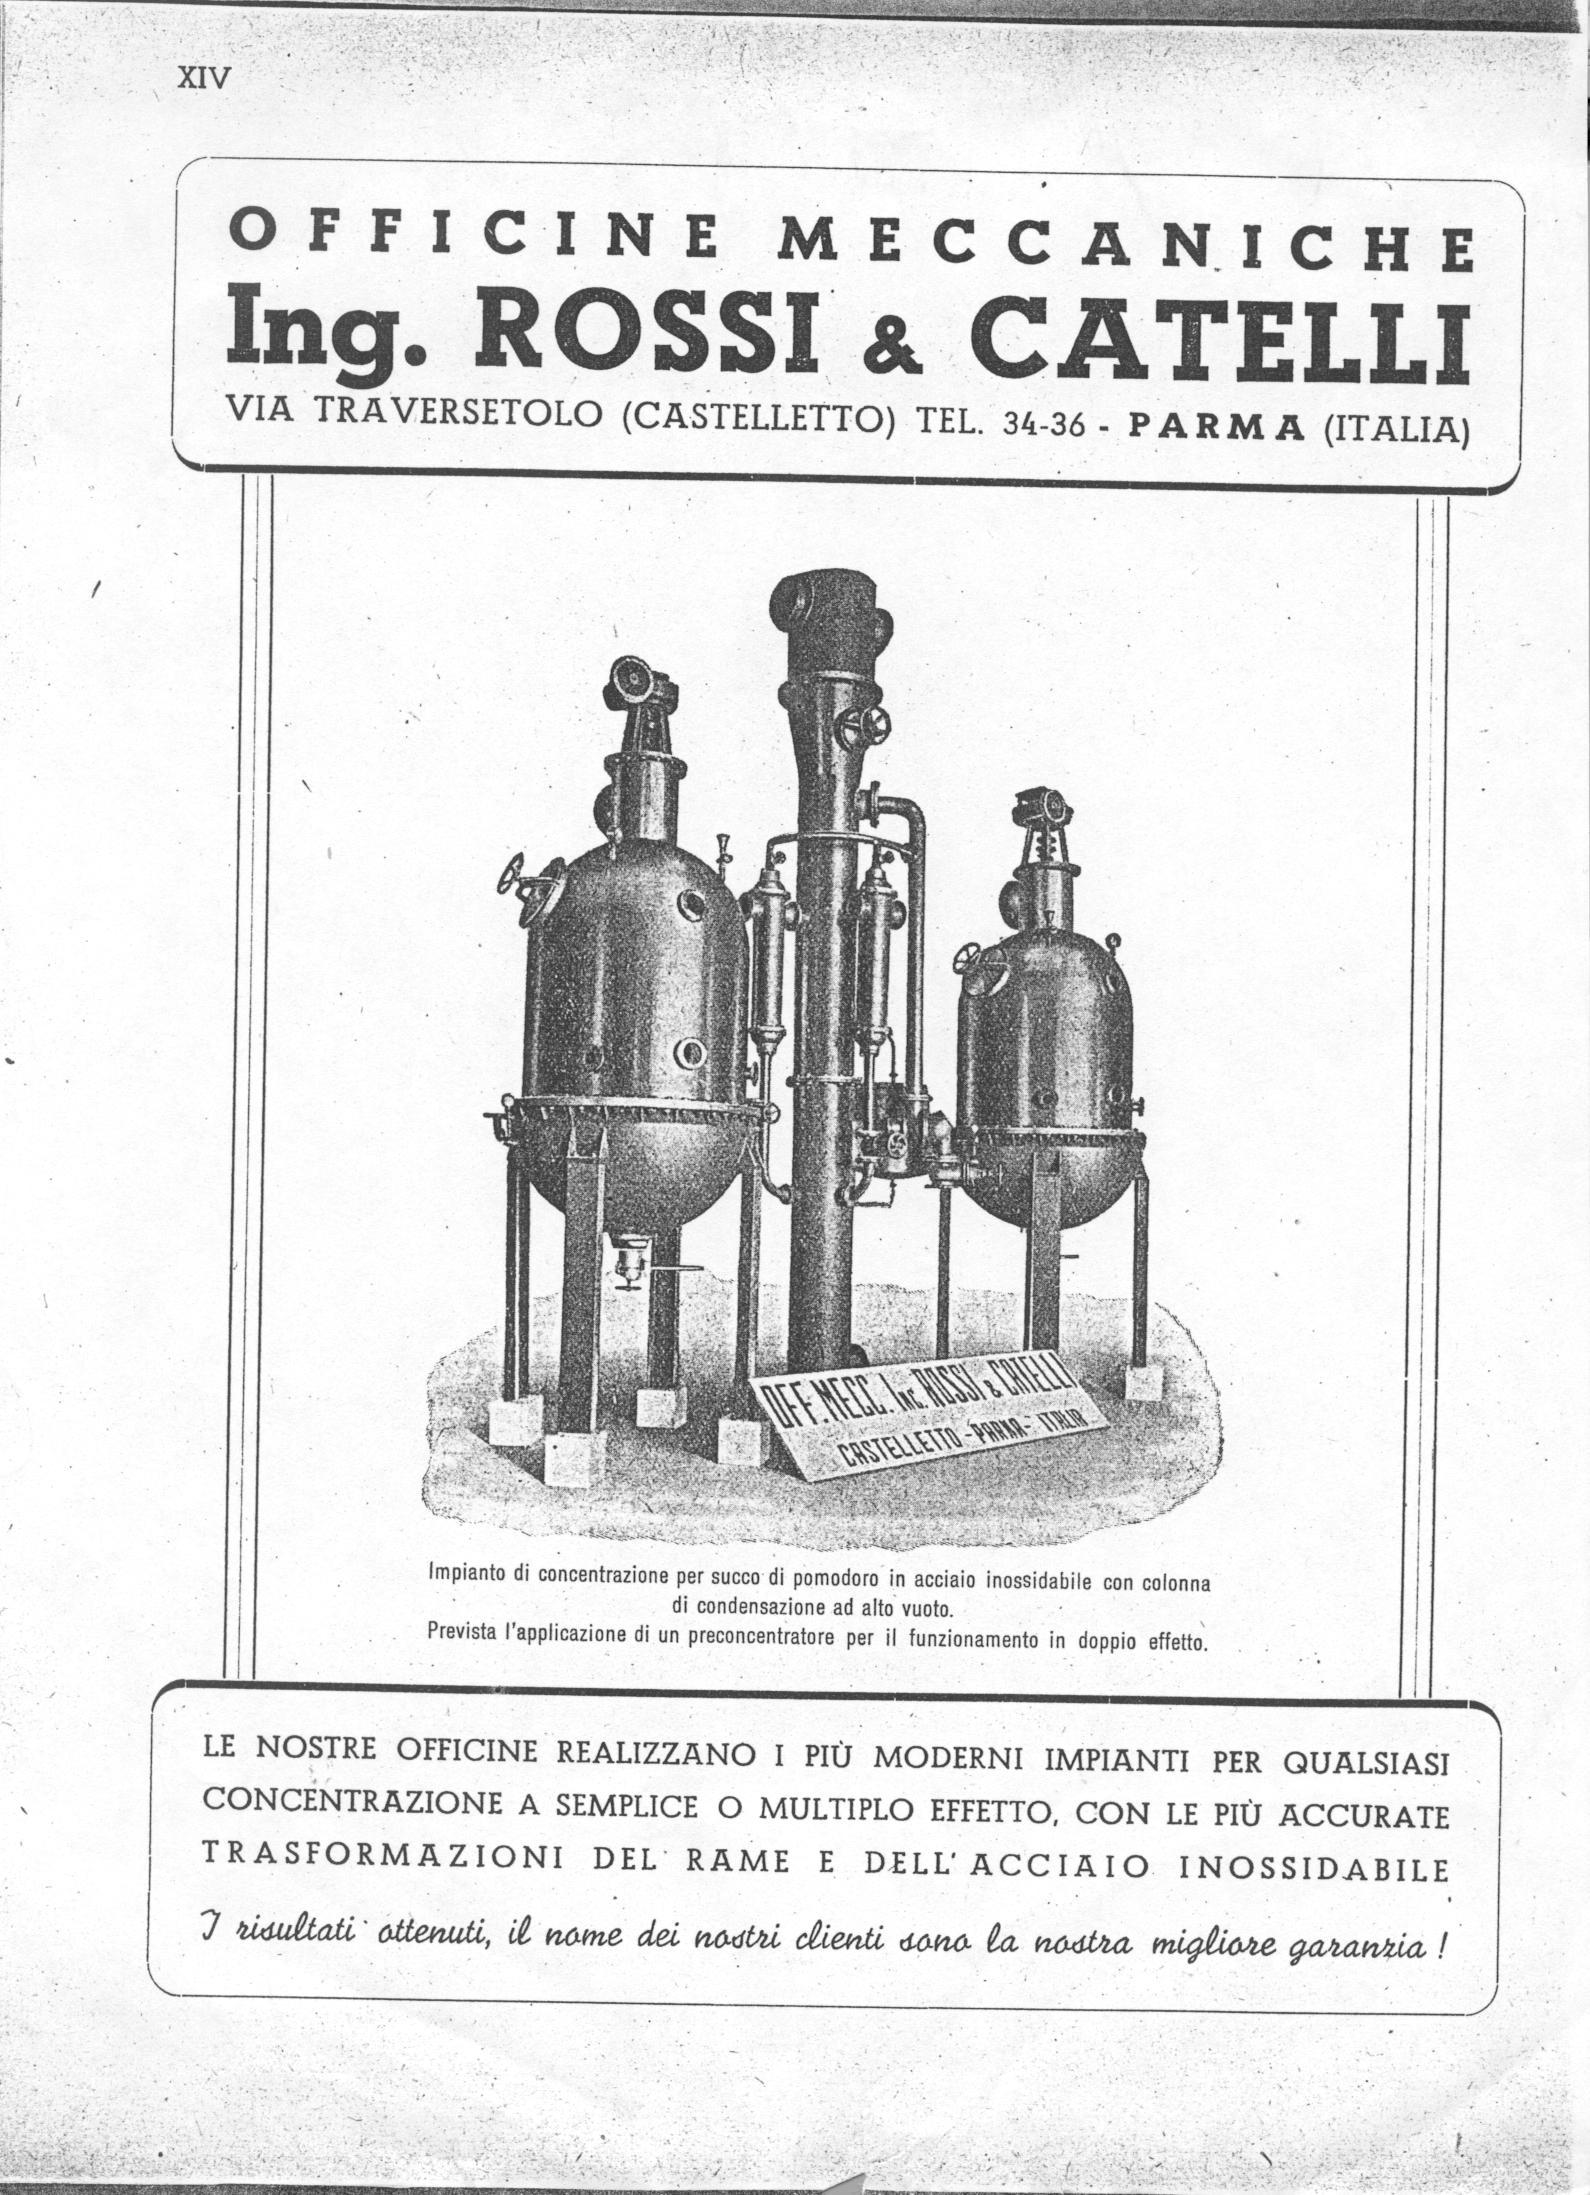 Un impianto di concentrazione per succo di pomodoro con colonna di condensazione ad alto vuoto in una pagina pubblicitaria della Rossi & Catelli databile agli Anni Cinquanta del Novecento